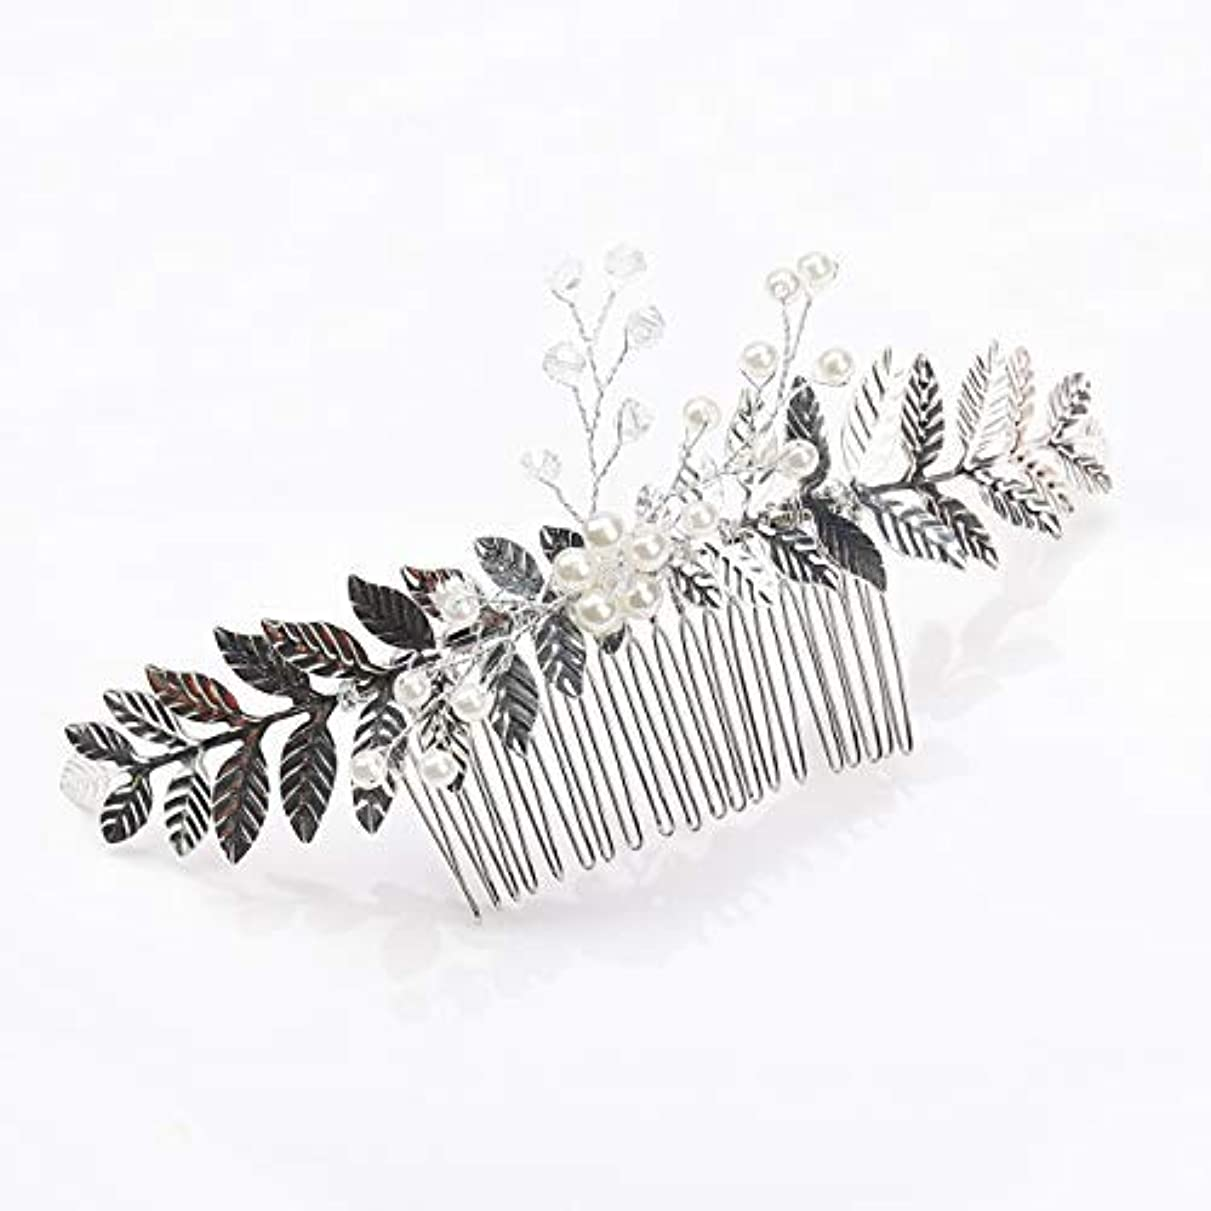 ナチュラポップ検出可能Kercisbeauty Rustic Wedding Oliver Branch Pearl Flower and Crystal Hair Comb for Bride Bridesmaid Prom Headpiece...